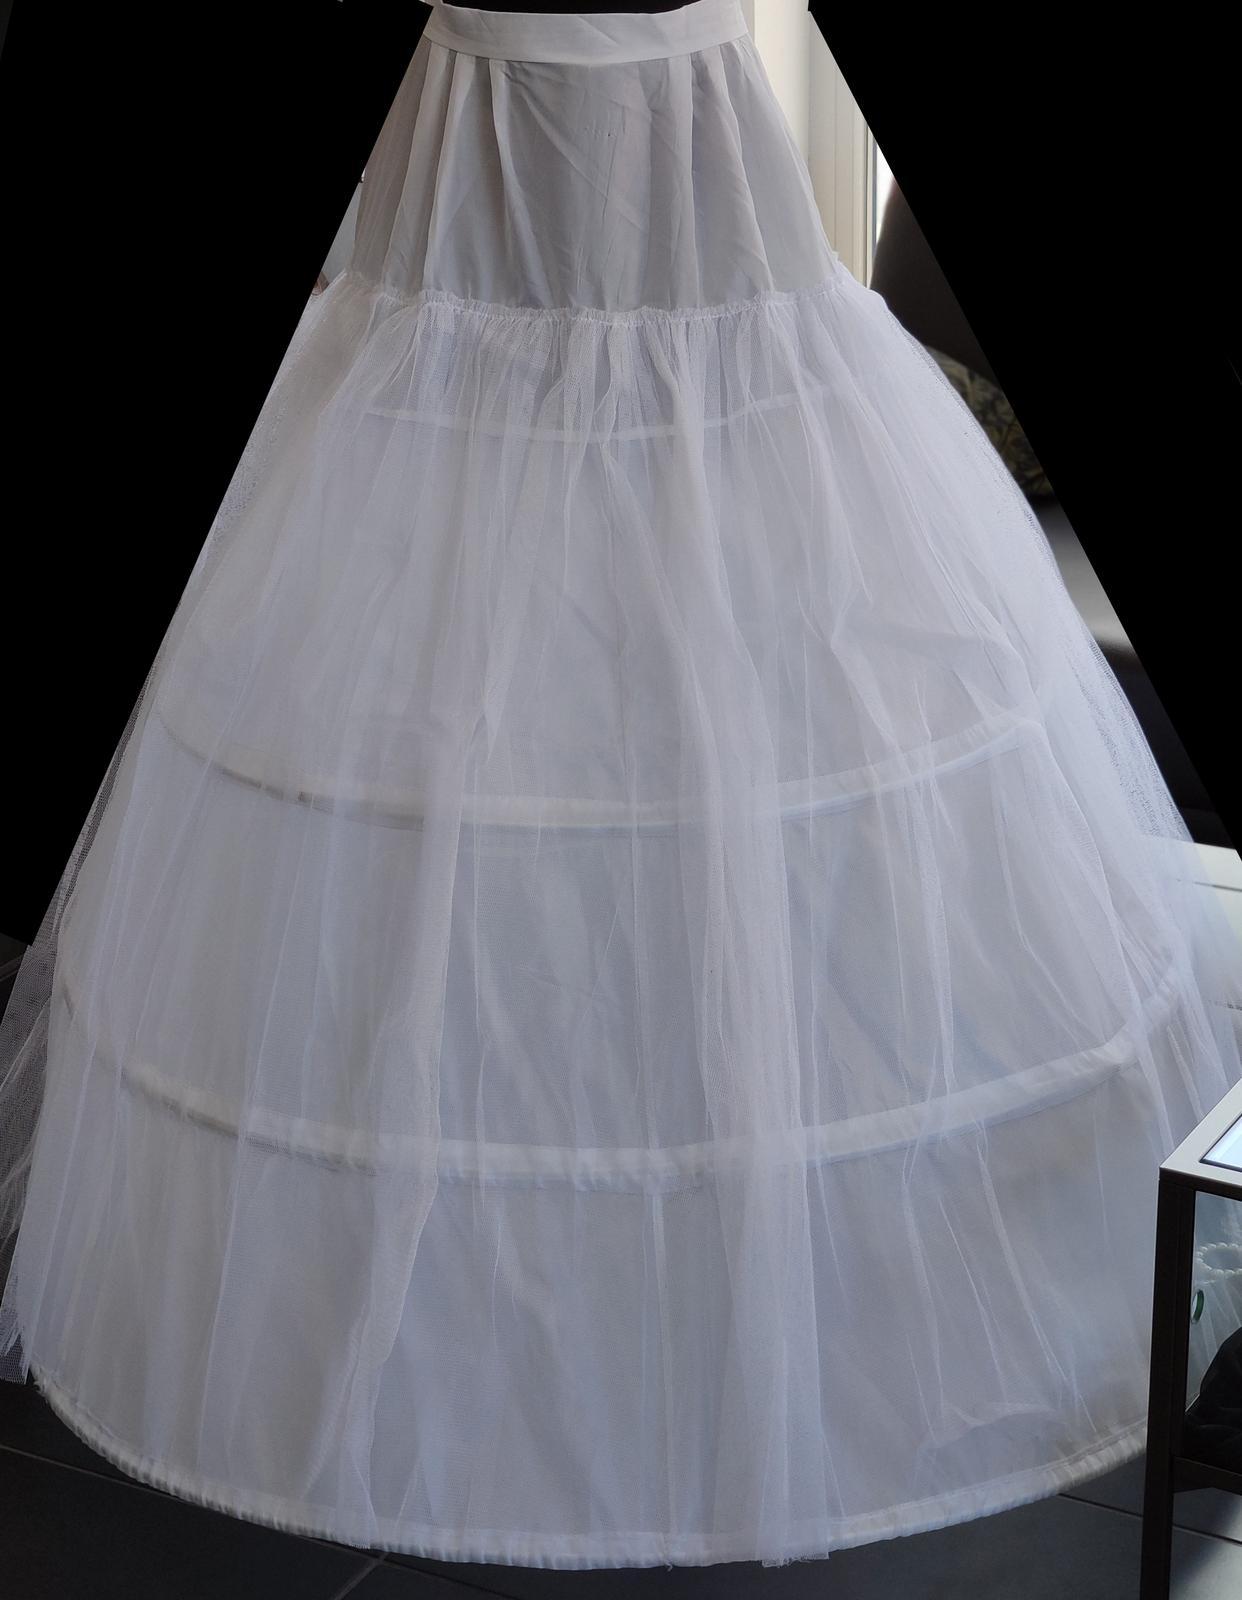 3 kruhová spodnice - Obrázek č. 1